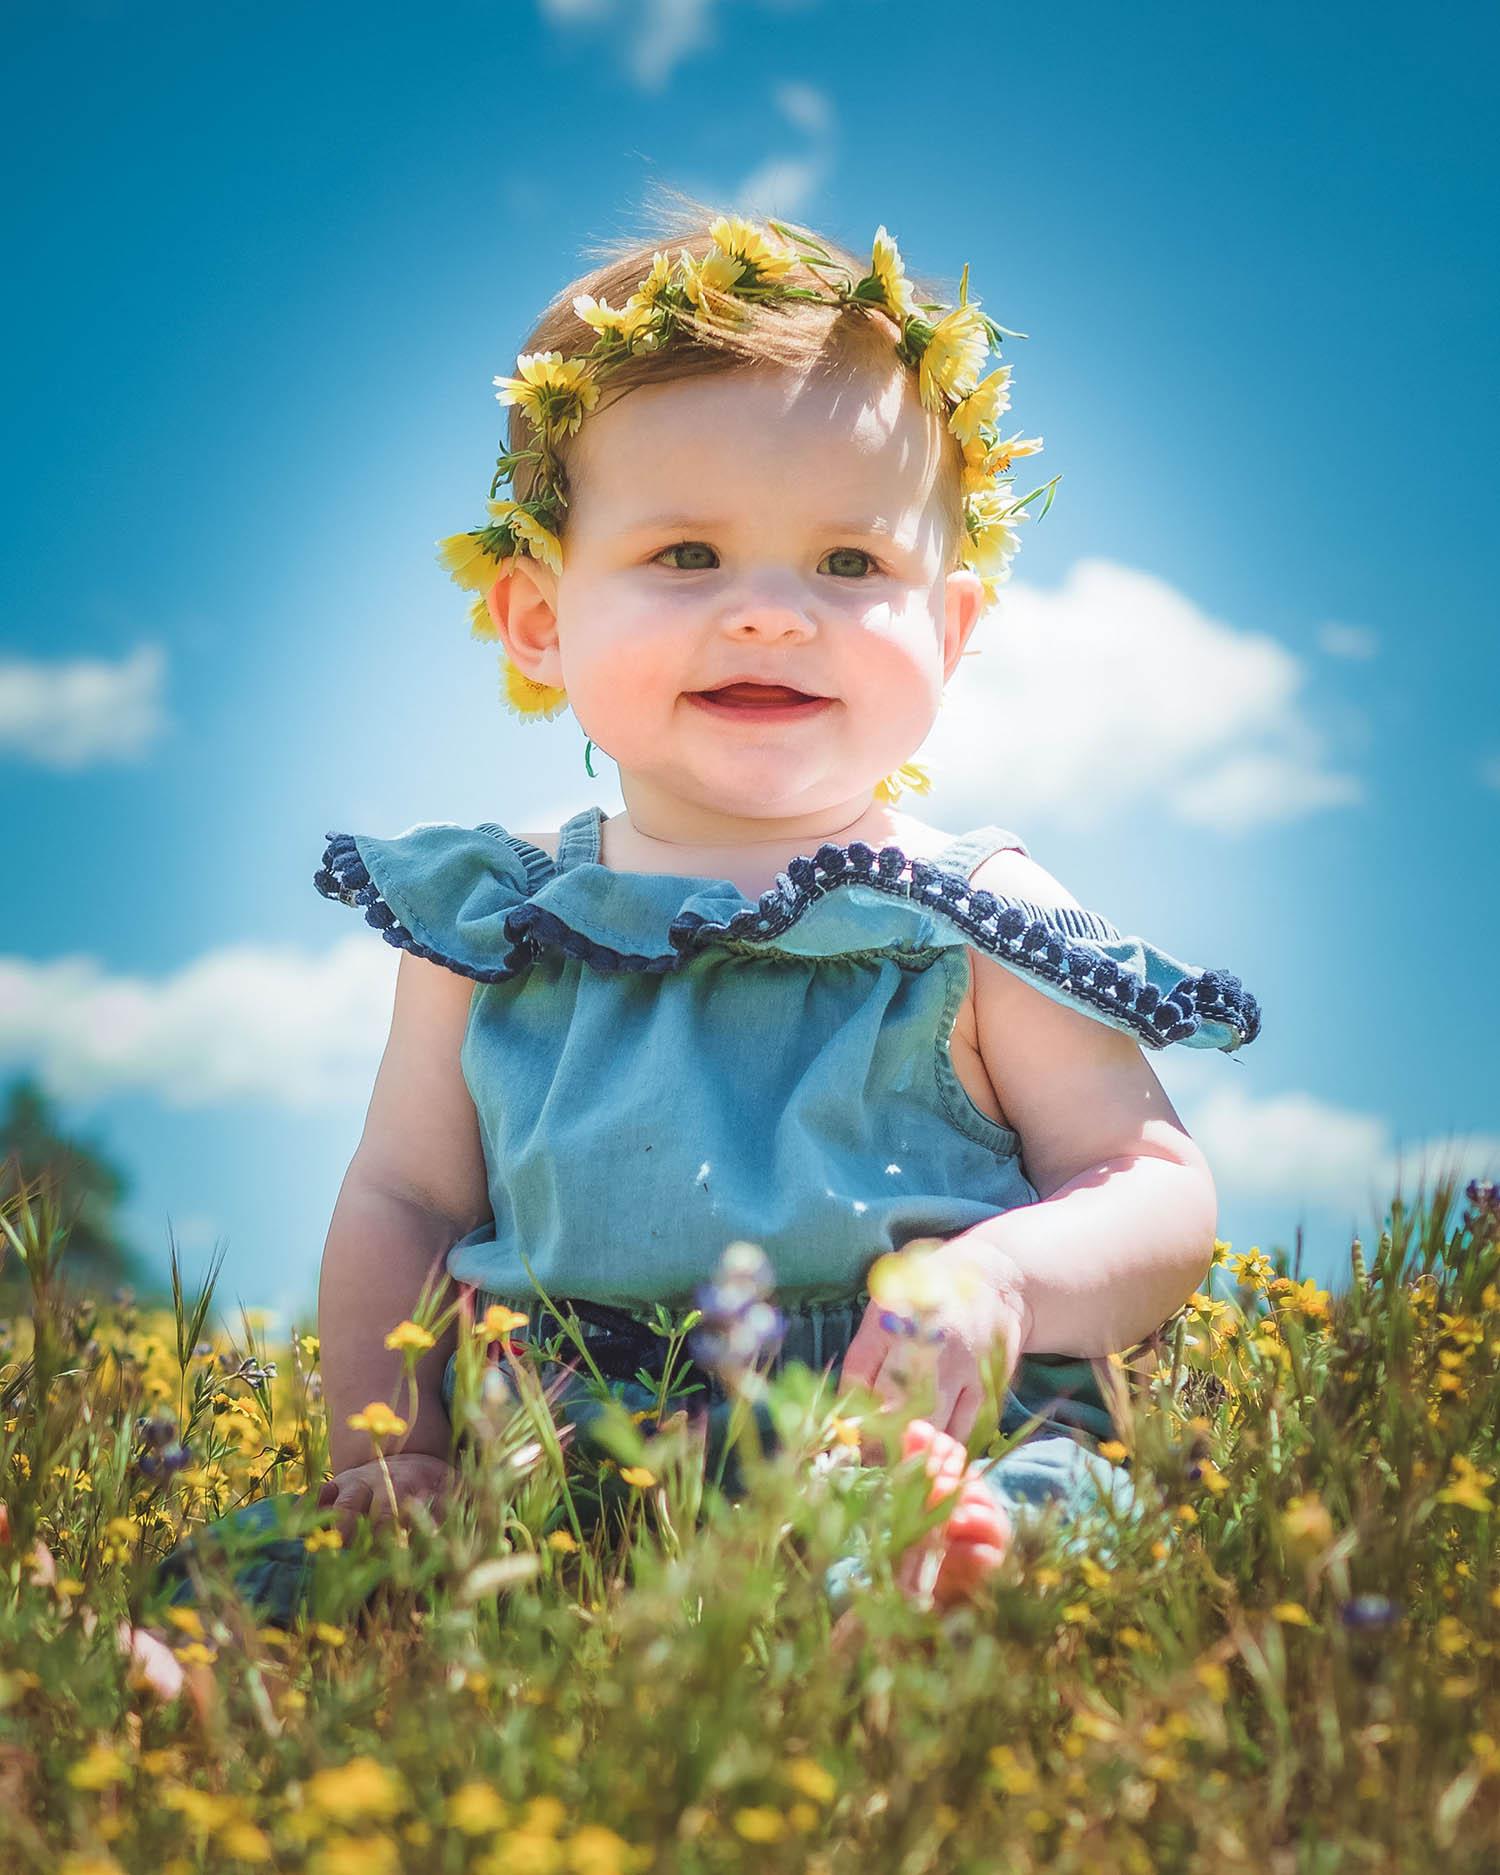 Baby Portrait by Will Crockett